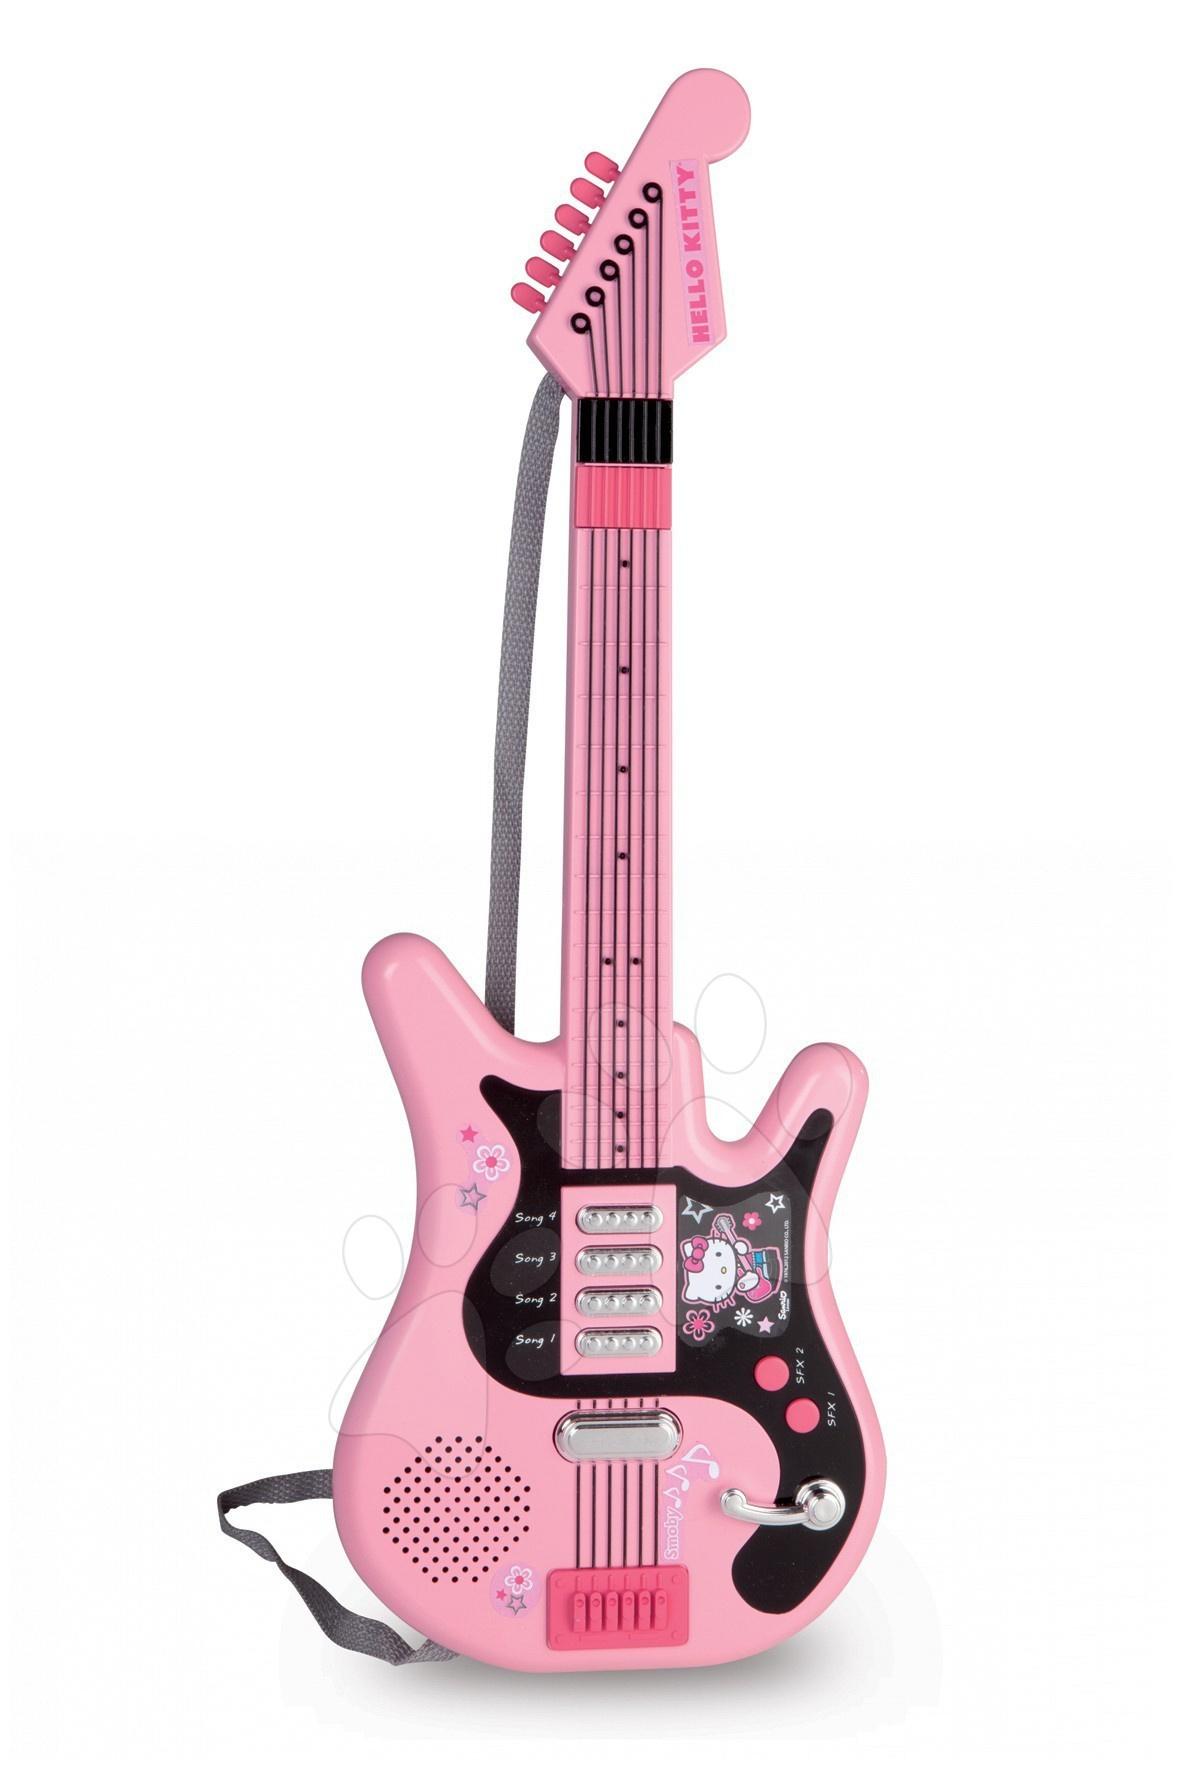 Staré položky - Kytara Hello Kitty Smoby elektronická růžovo-černá